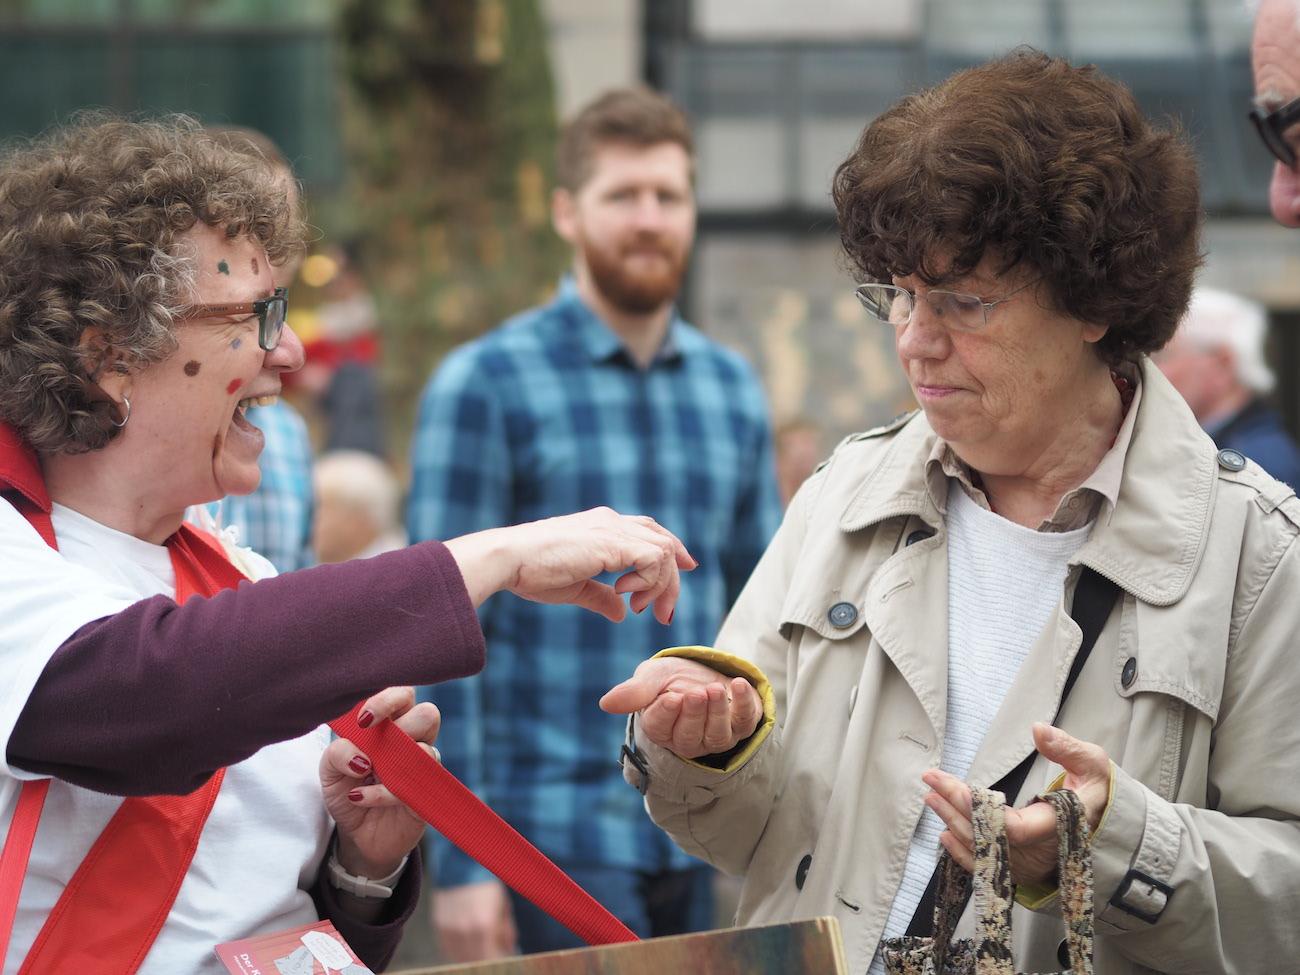 Viele Passanten in der Hamburger City zeigten Interesse